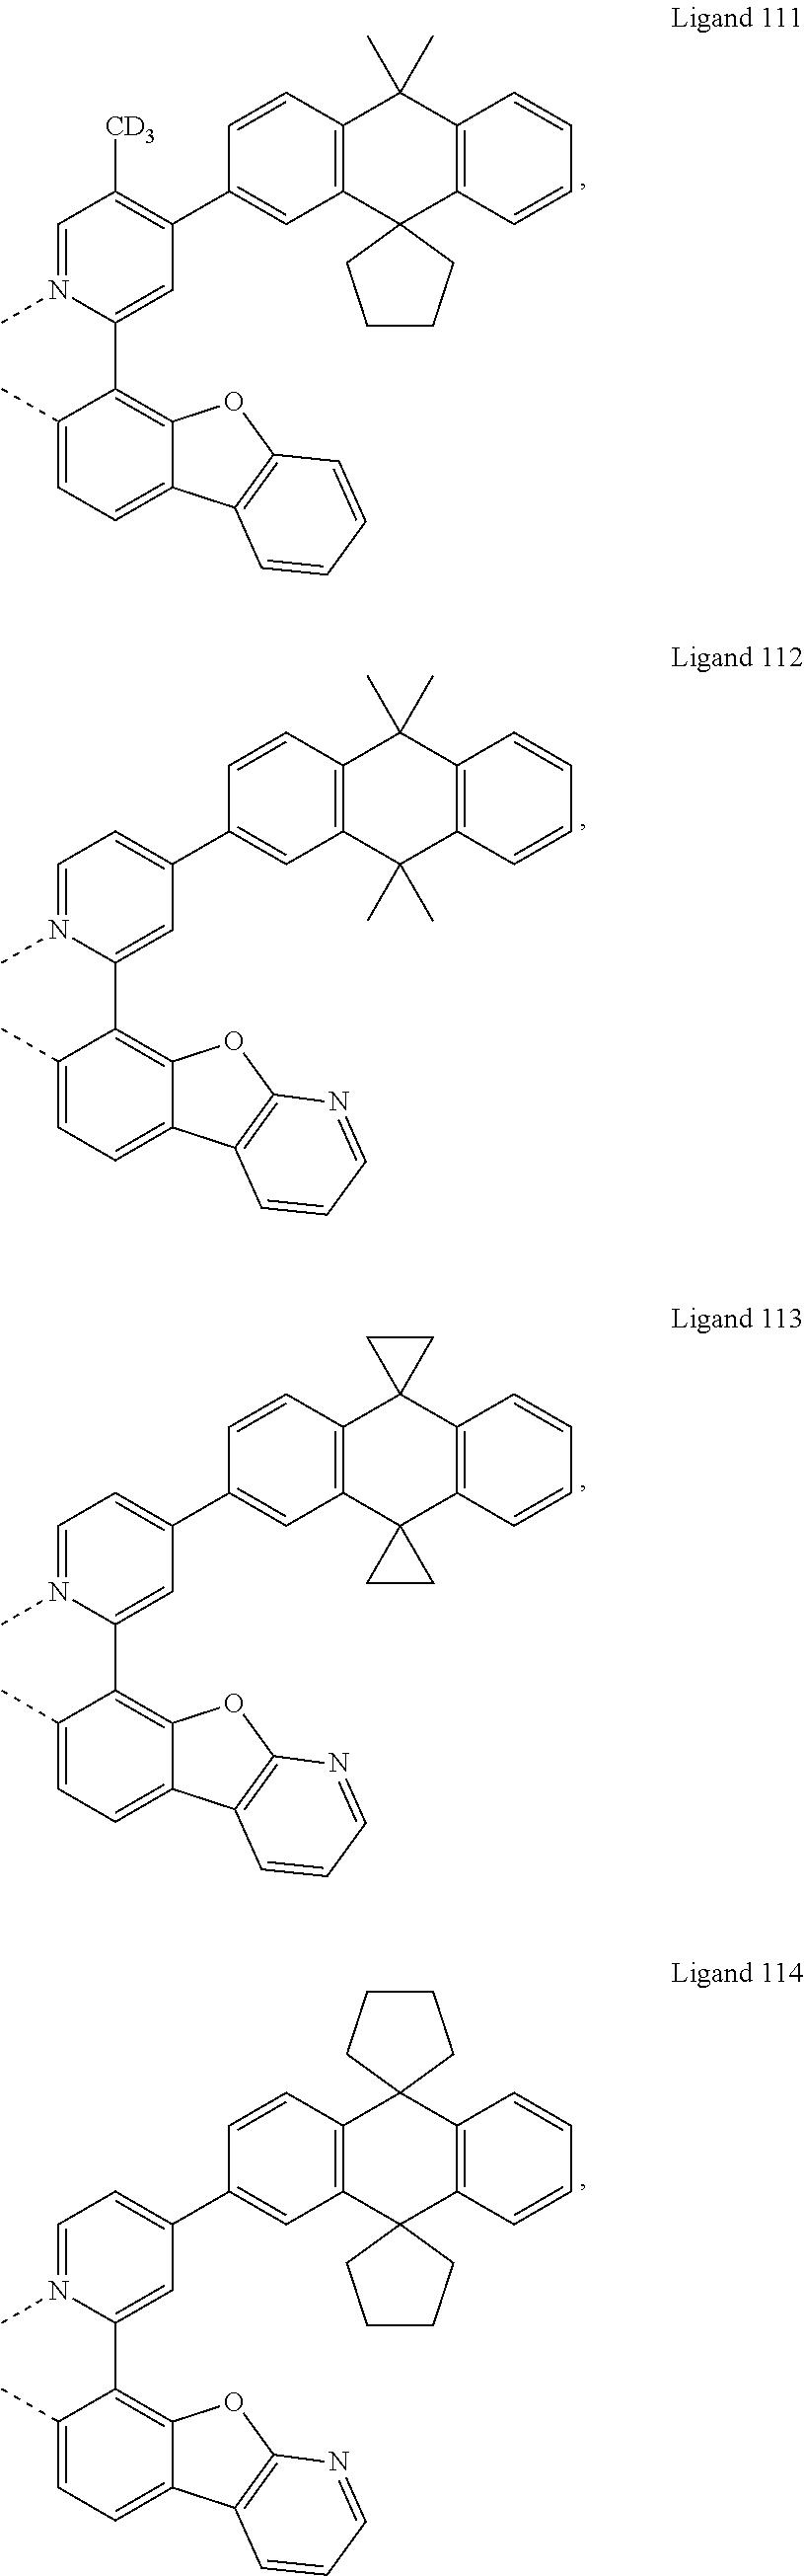 Figure US20180130962A1-20180510-C00060